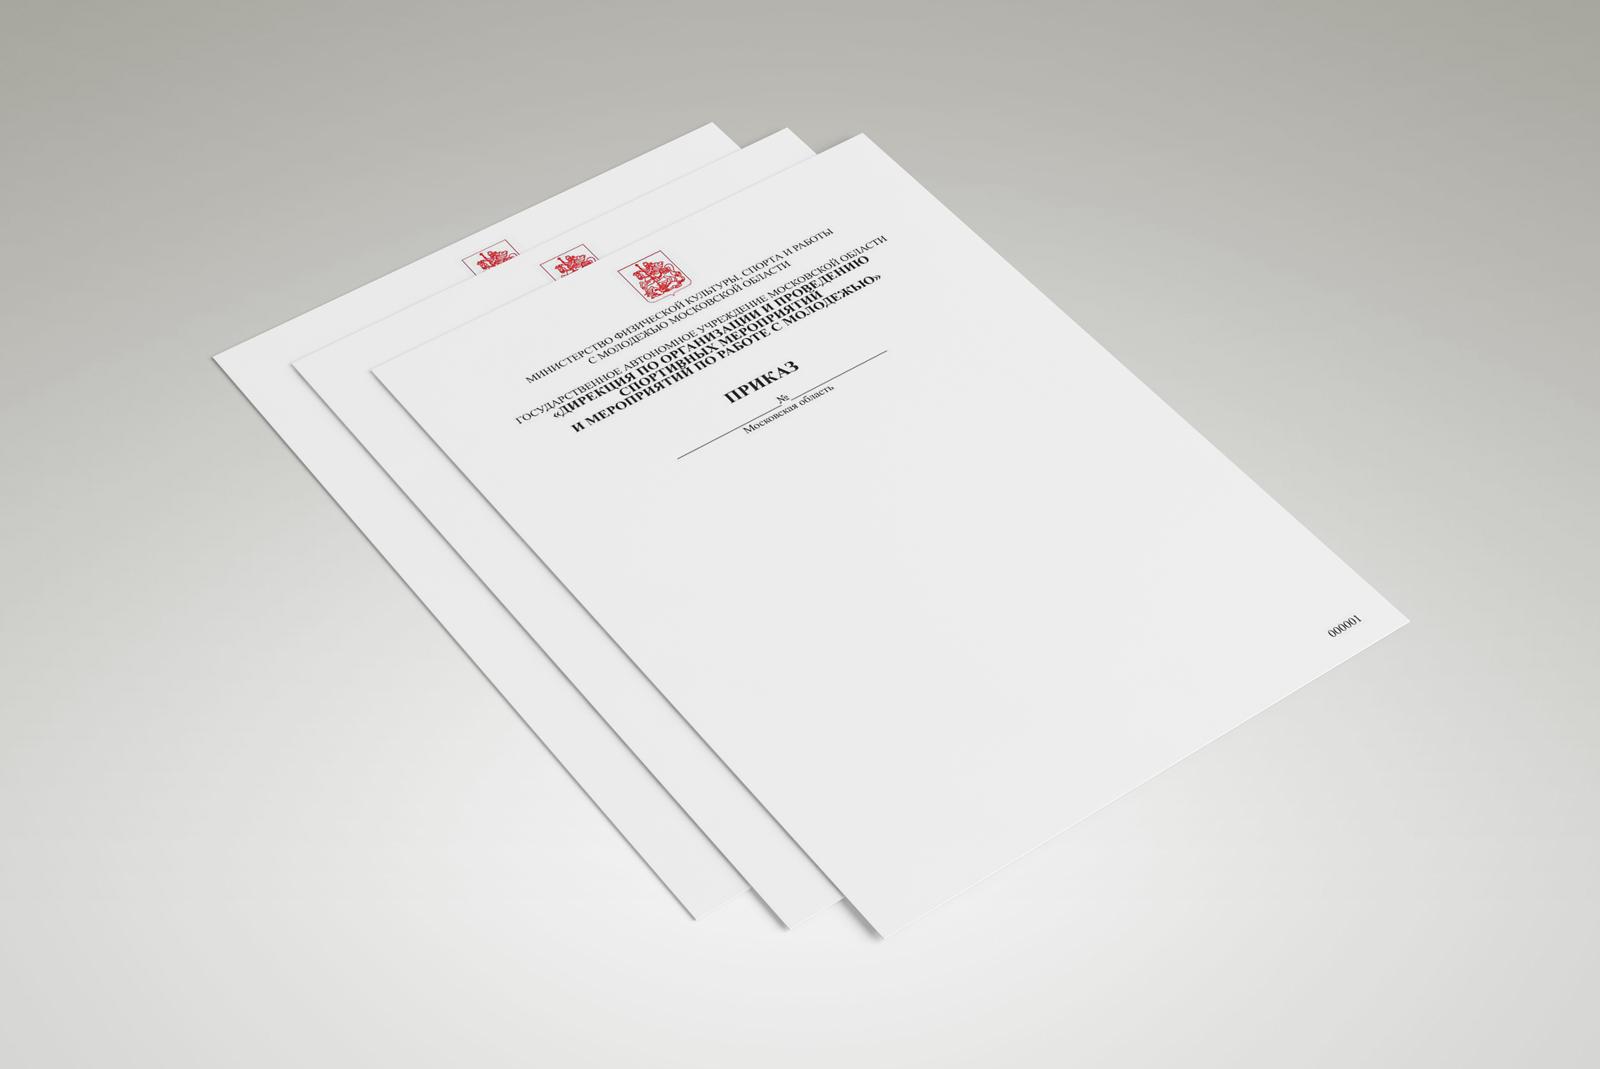 Печать фирменных бланков в Москве | фото 6